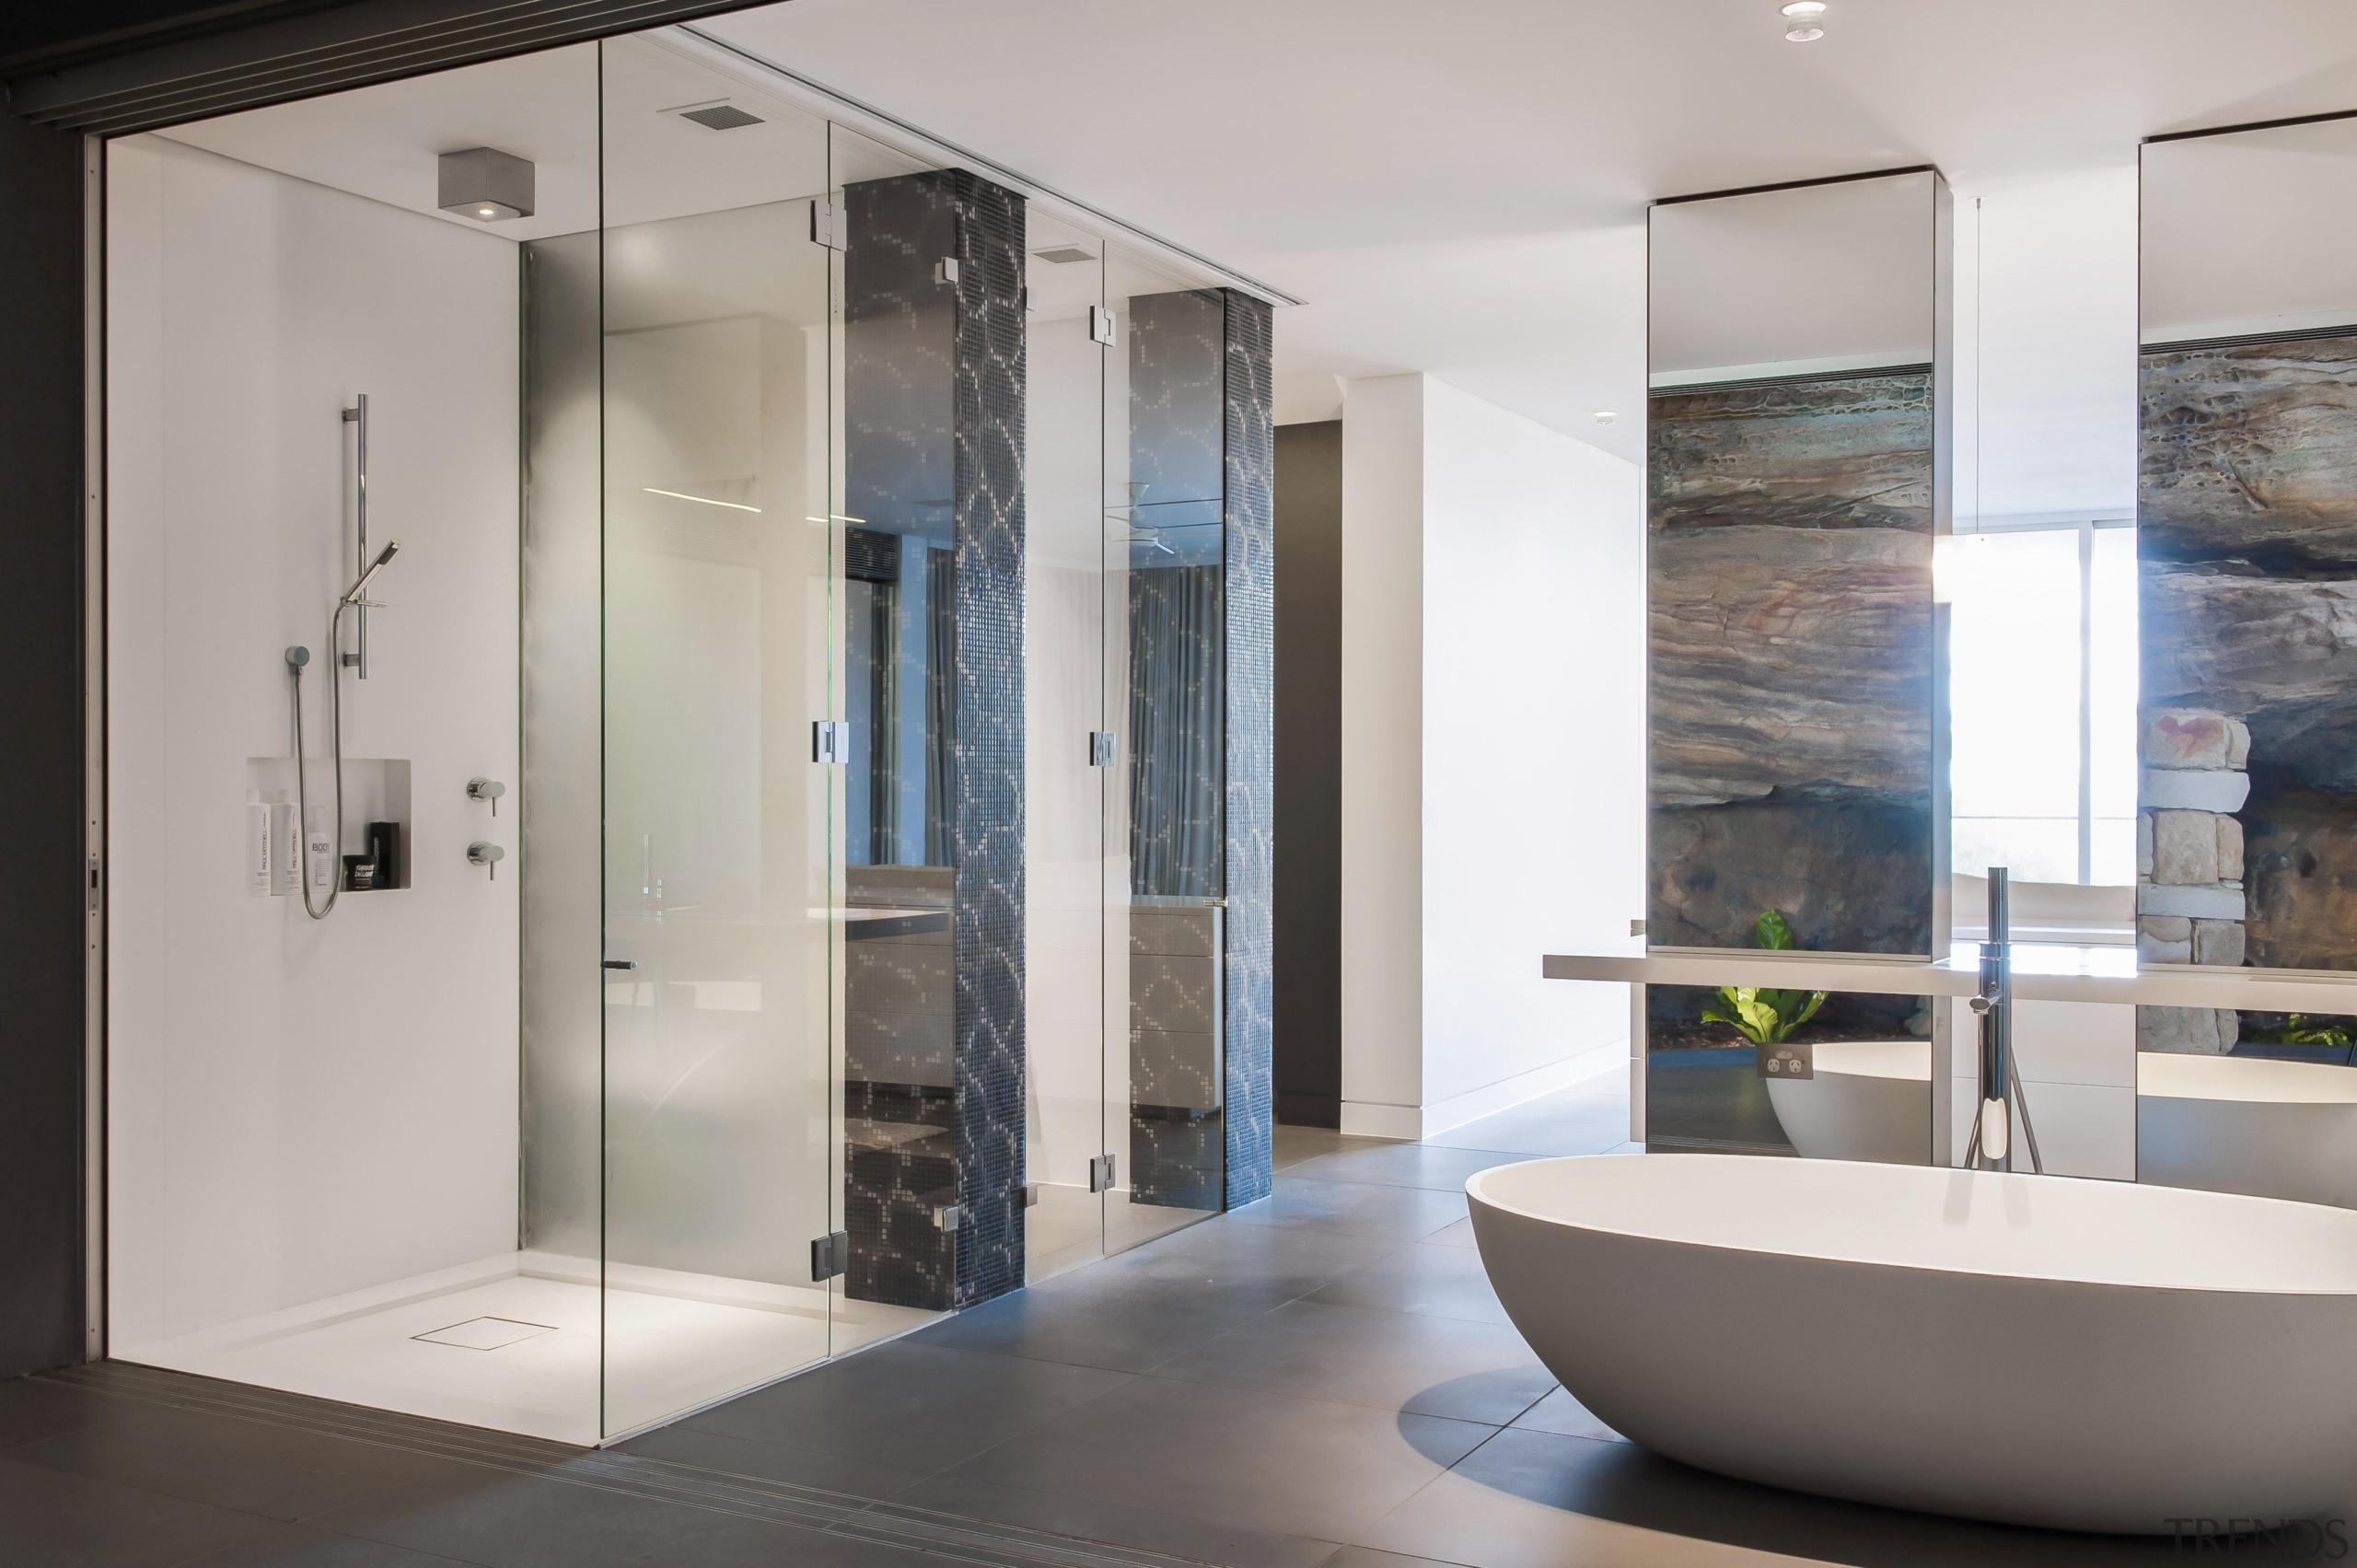 Winner Bathroom Design of the Year 2013 New bathroom, floor, glass, interior design, plumbing fixture, gray